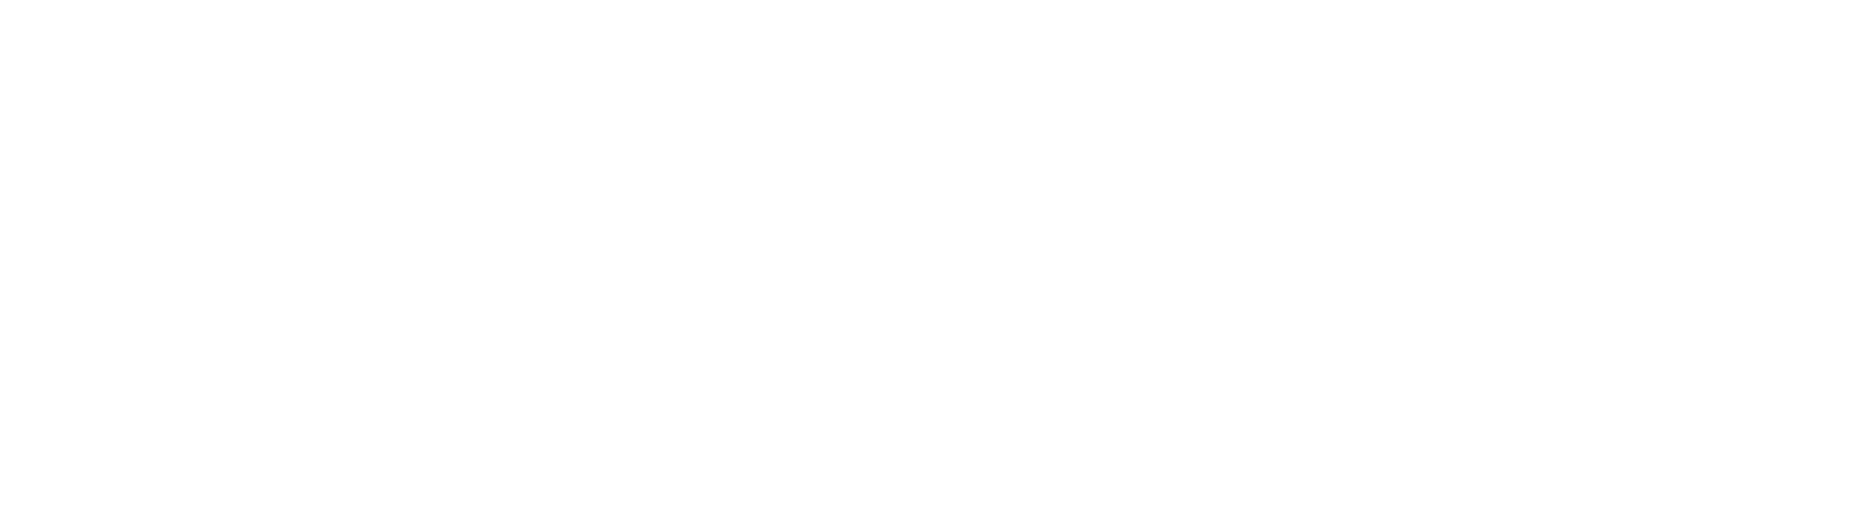 Podpoř Valkýry!